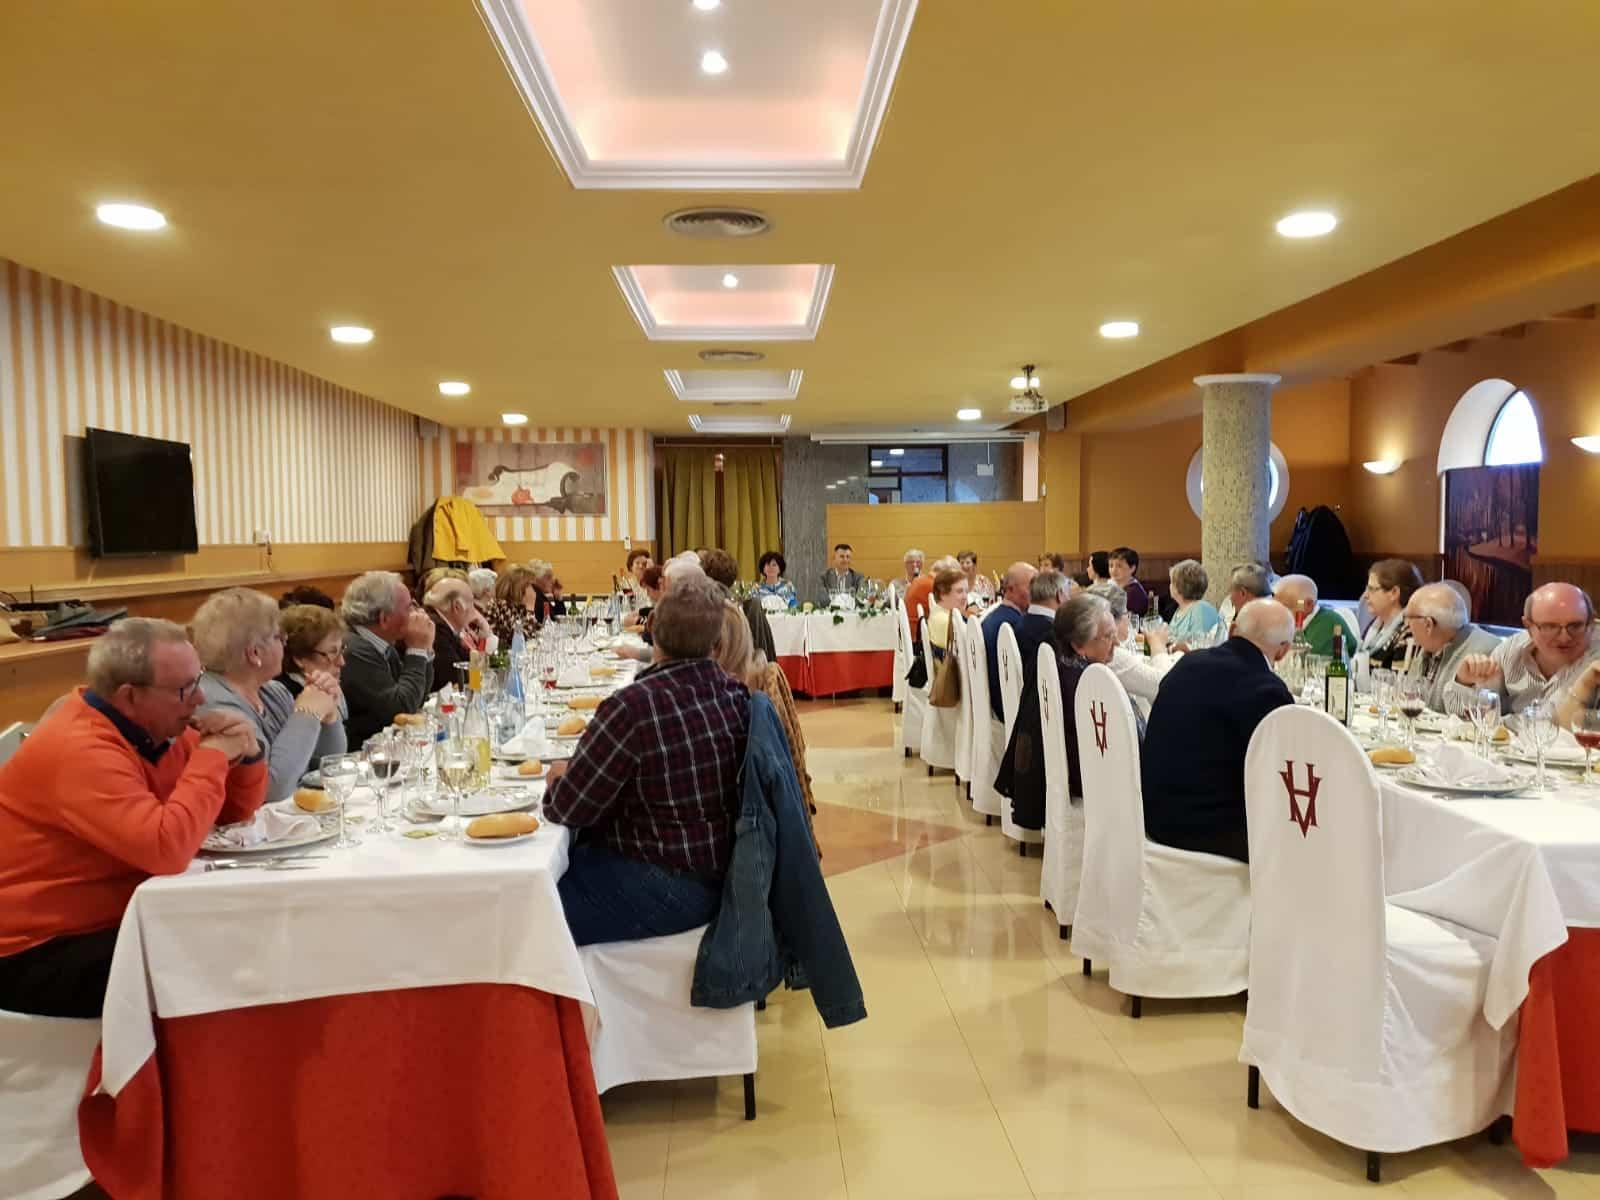 Carmen Pimienta en la Jornada Gastronómica  para Aidac-Cocemfe del Programa de Ocio promovido por Oretania Ciudad Real 2